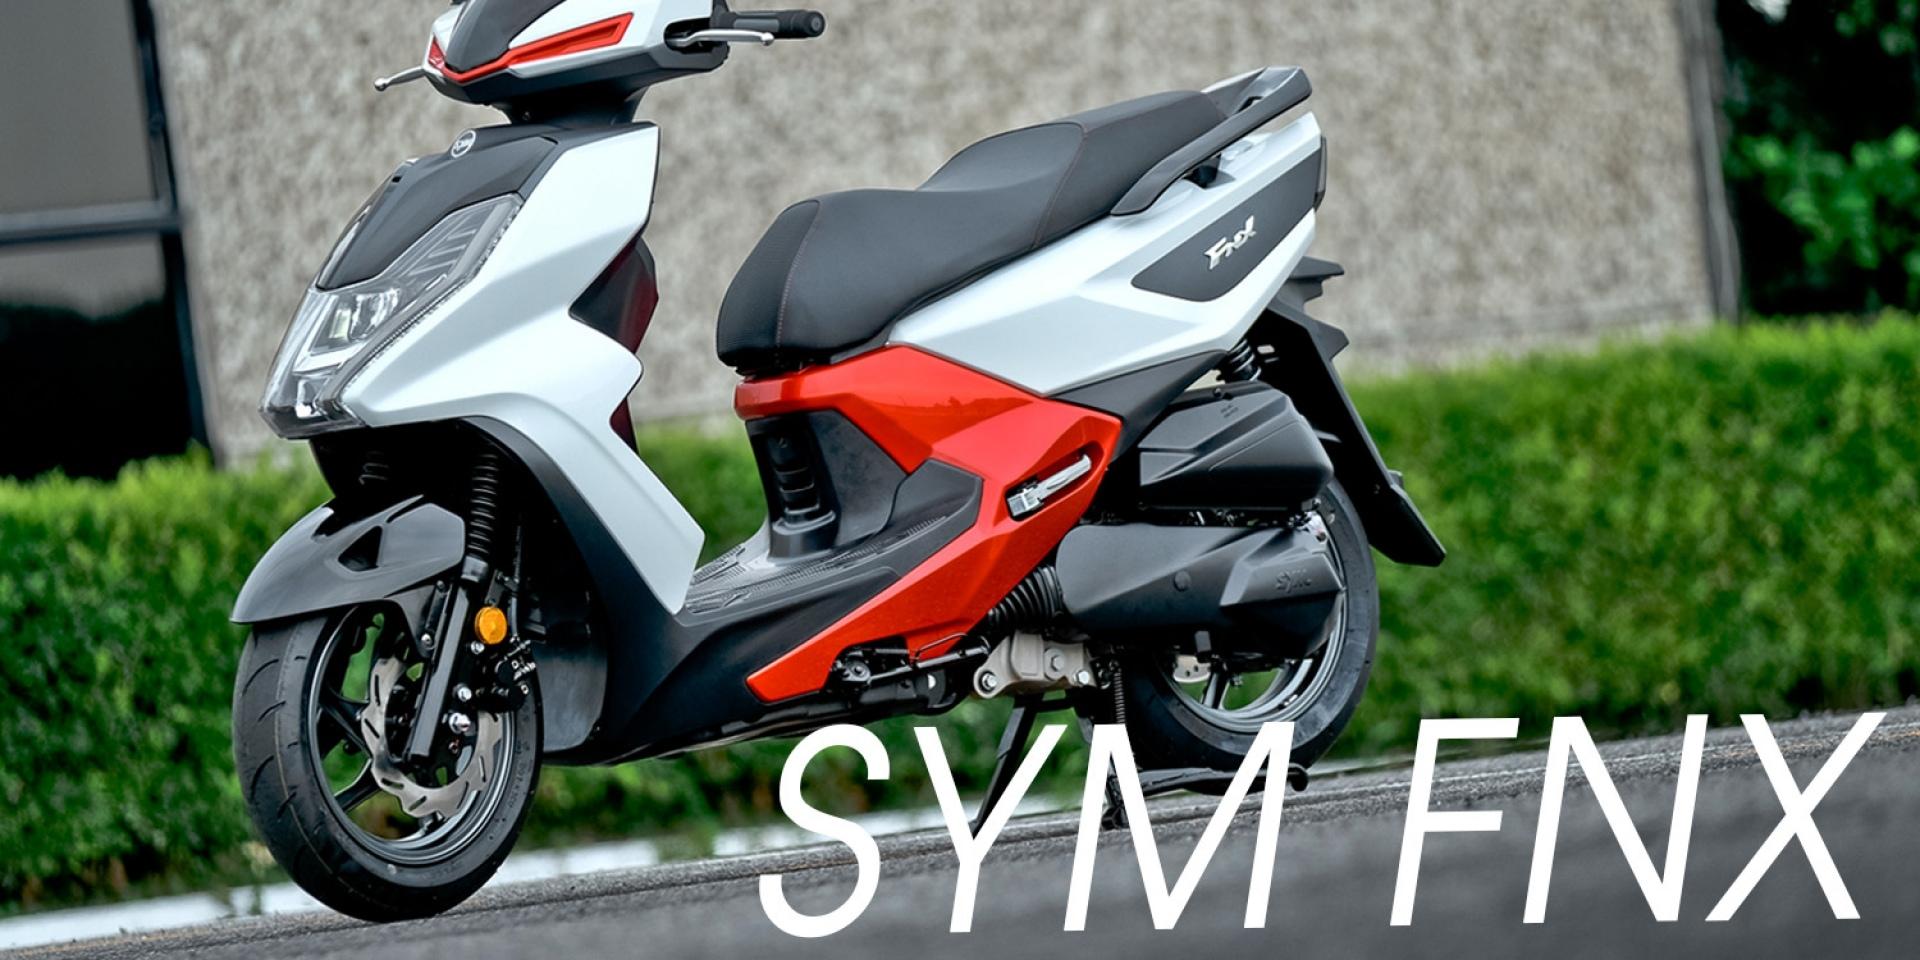 造型科技雙革新。SYM FNX媒體試乘會